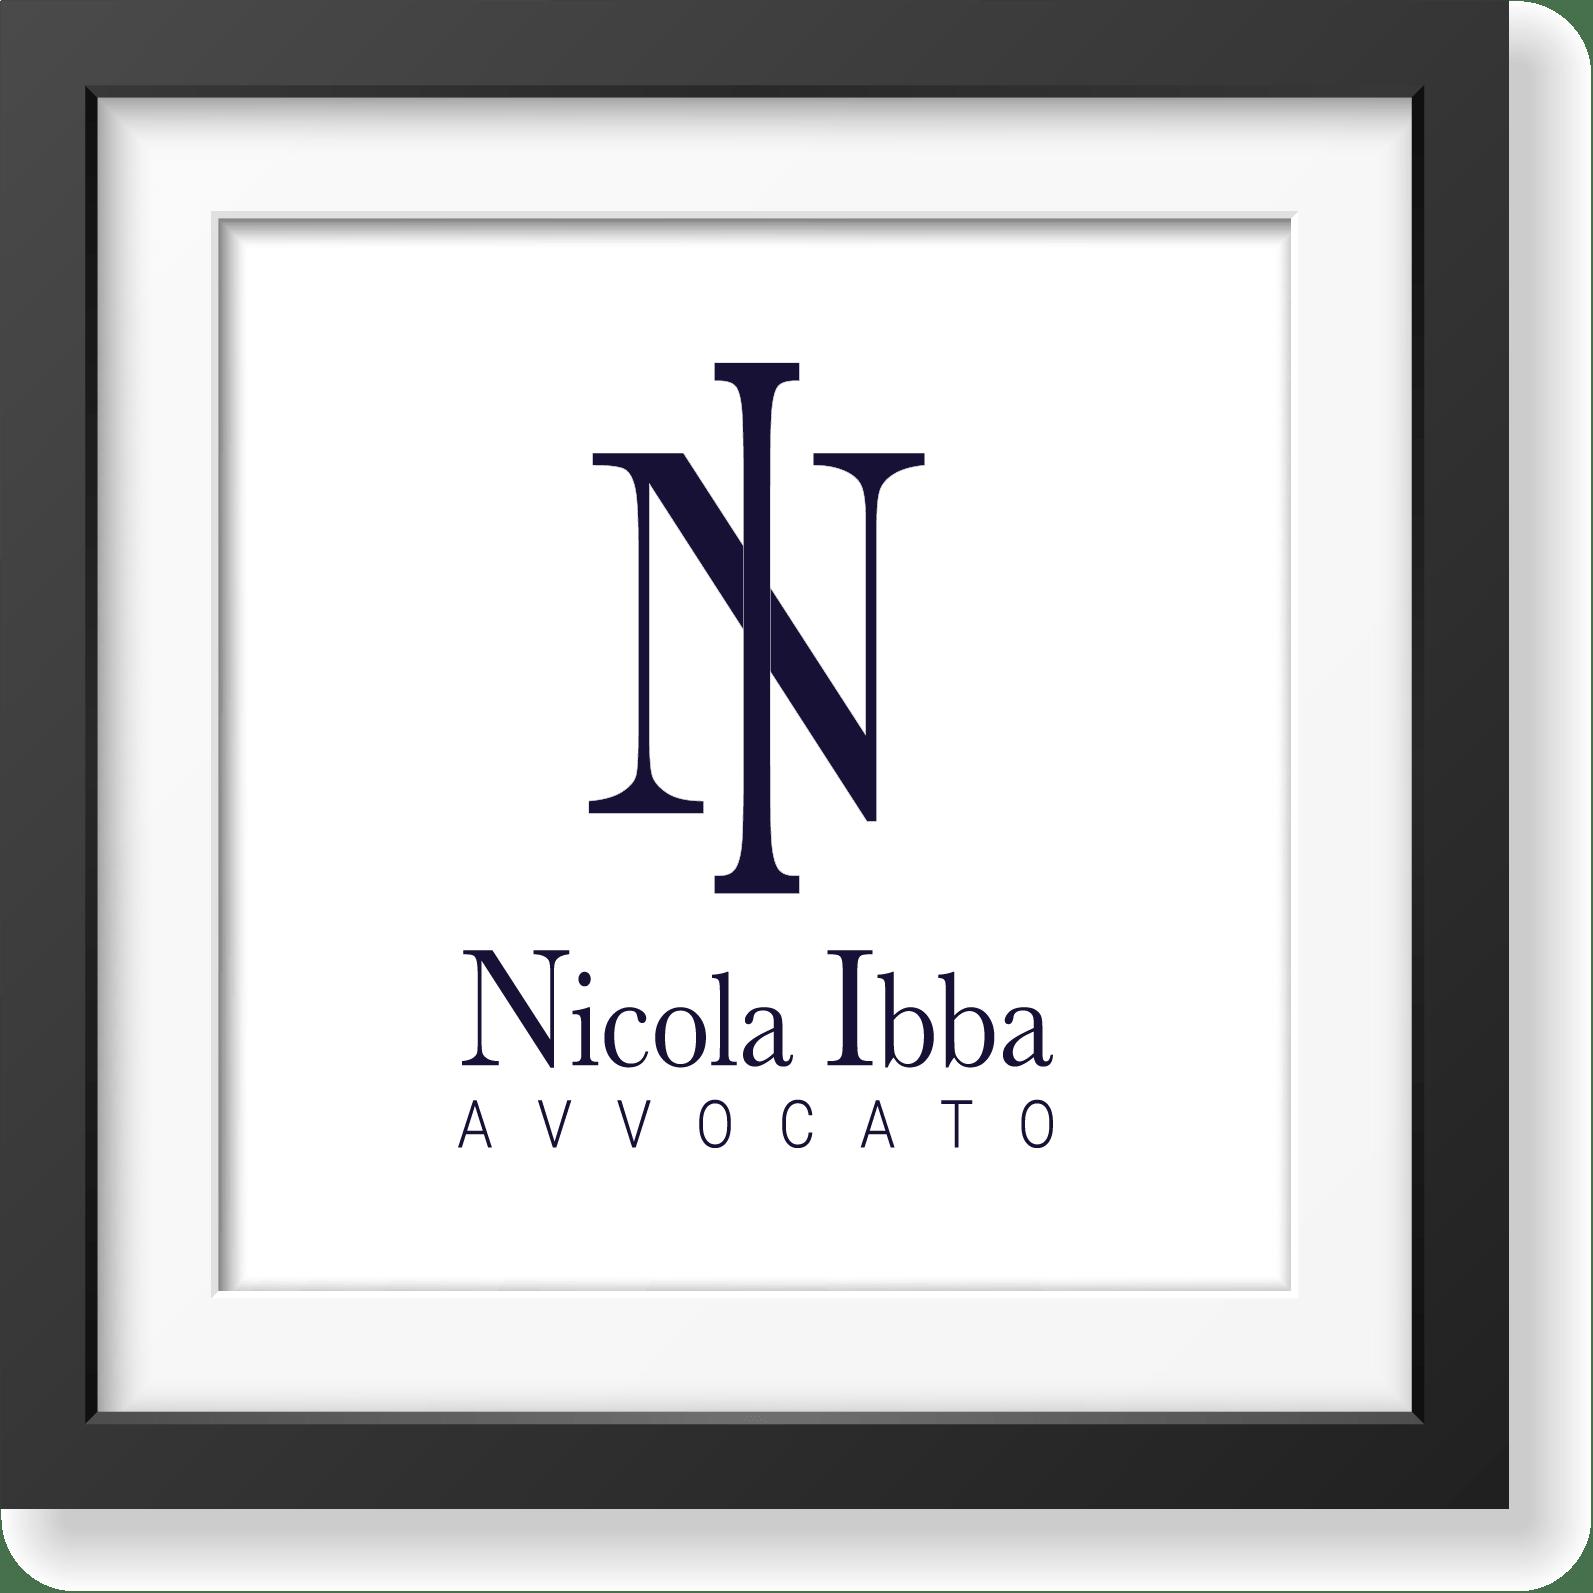 Avvocato Nicola Ibba - studio e realizzazione logo e immagine coordinata